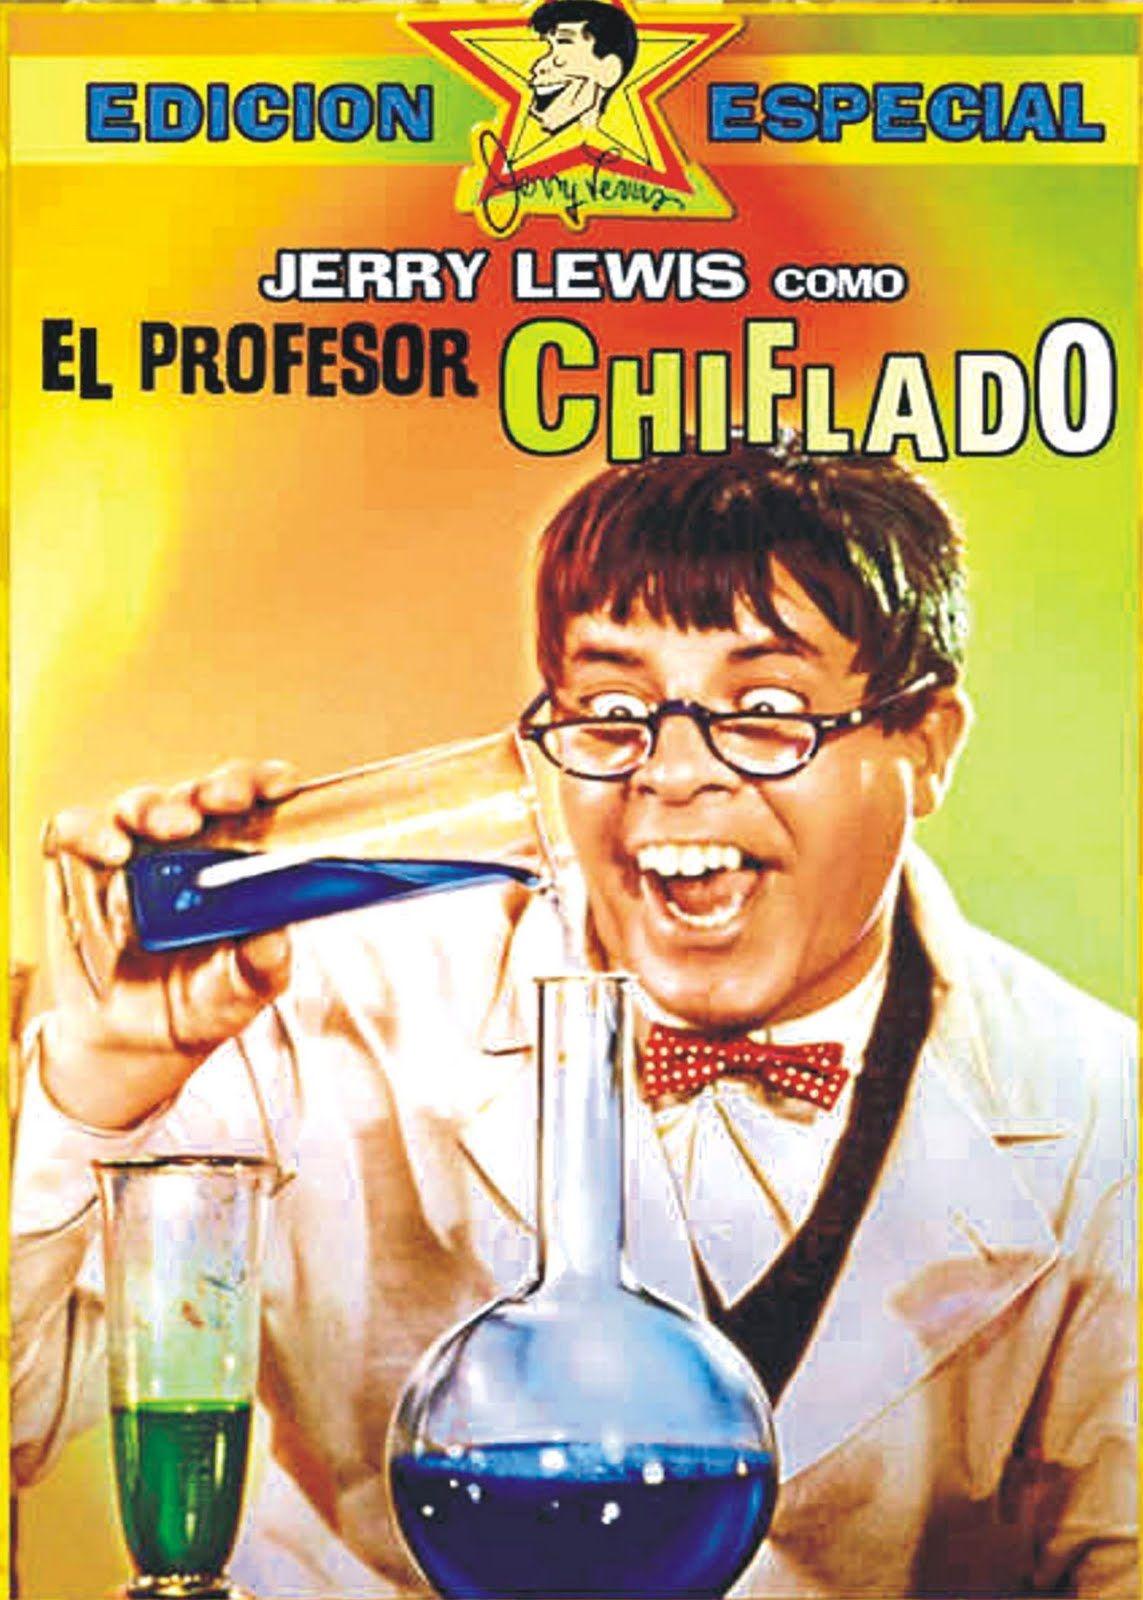 el profesor chiflado 1963